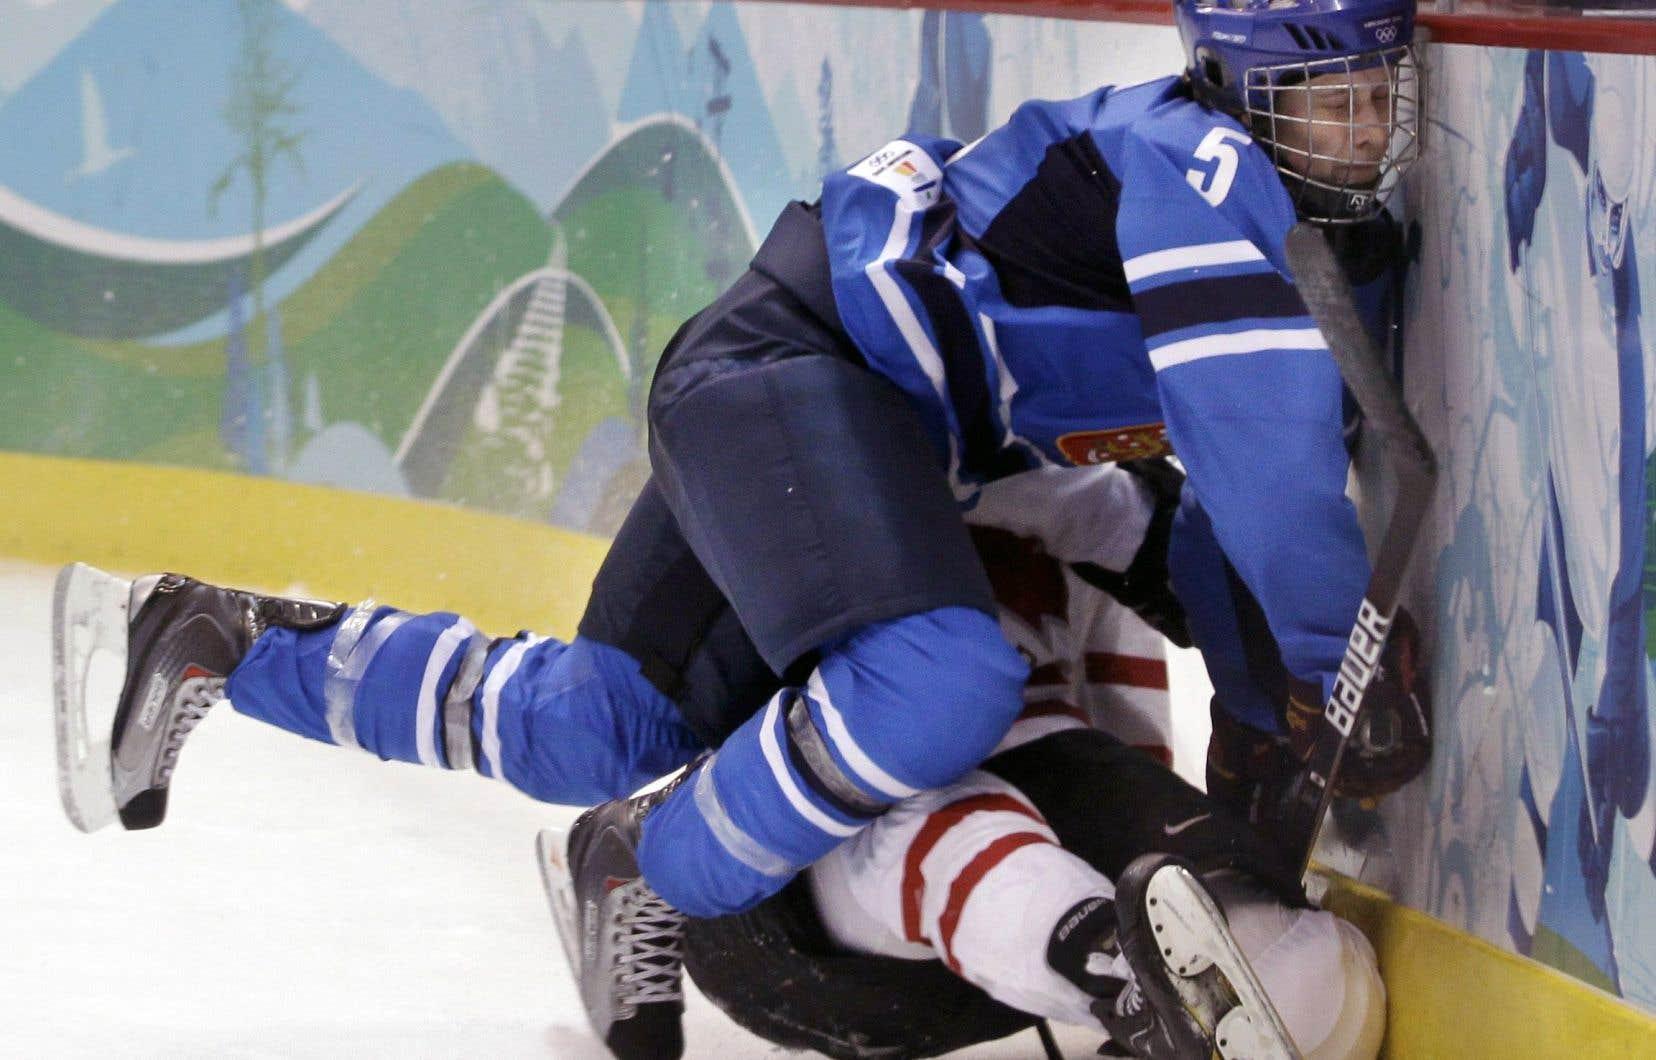 La célèbre hockeyeuse canadienne Hayley Wickenheiser a subi plusieurs coups à la tête au cours de sa carrière. Dans cette collision survenue dans un match contre la Finlande en 2010, c'est toutefois la défenseur Mariia Posa qui a encaissé le plus gros coup à la tête.